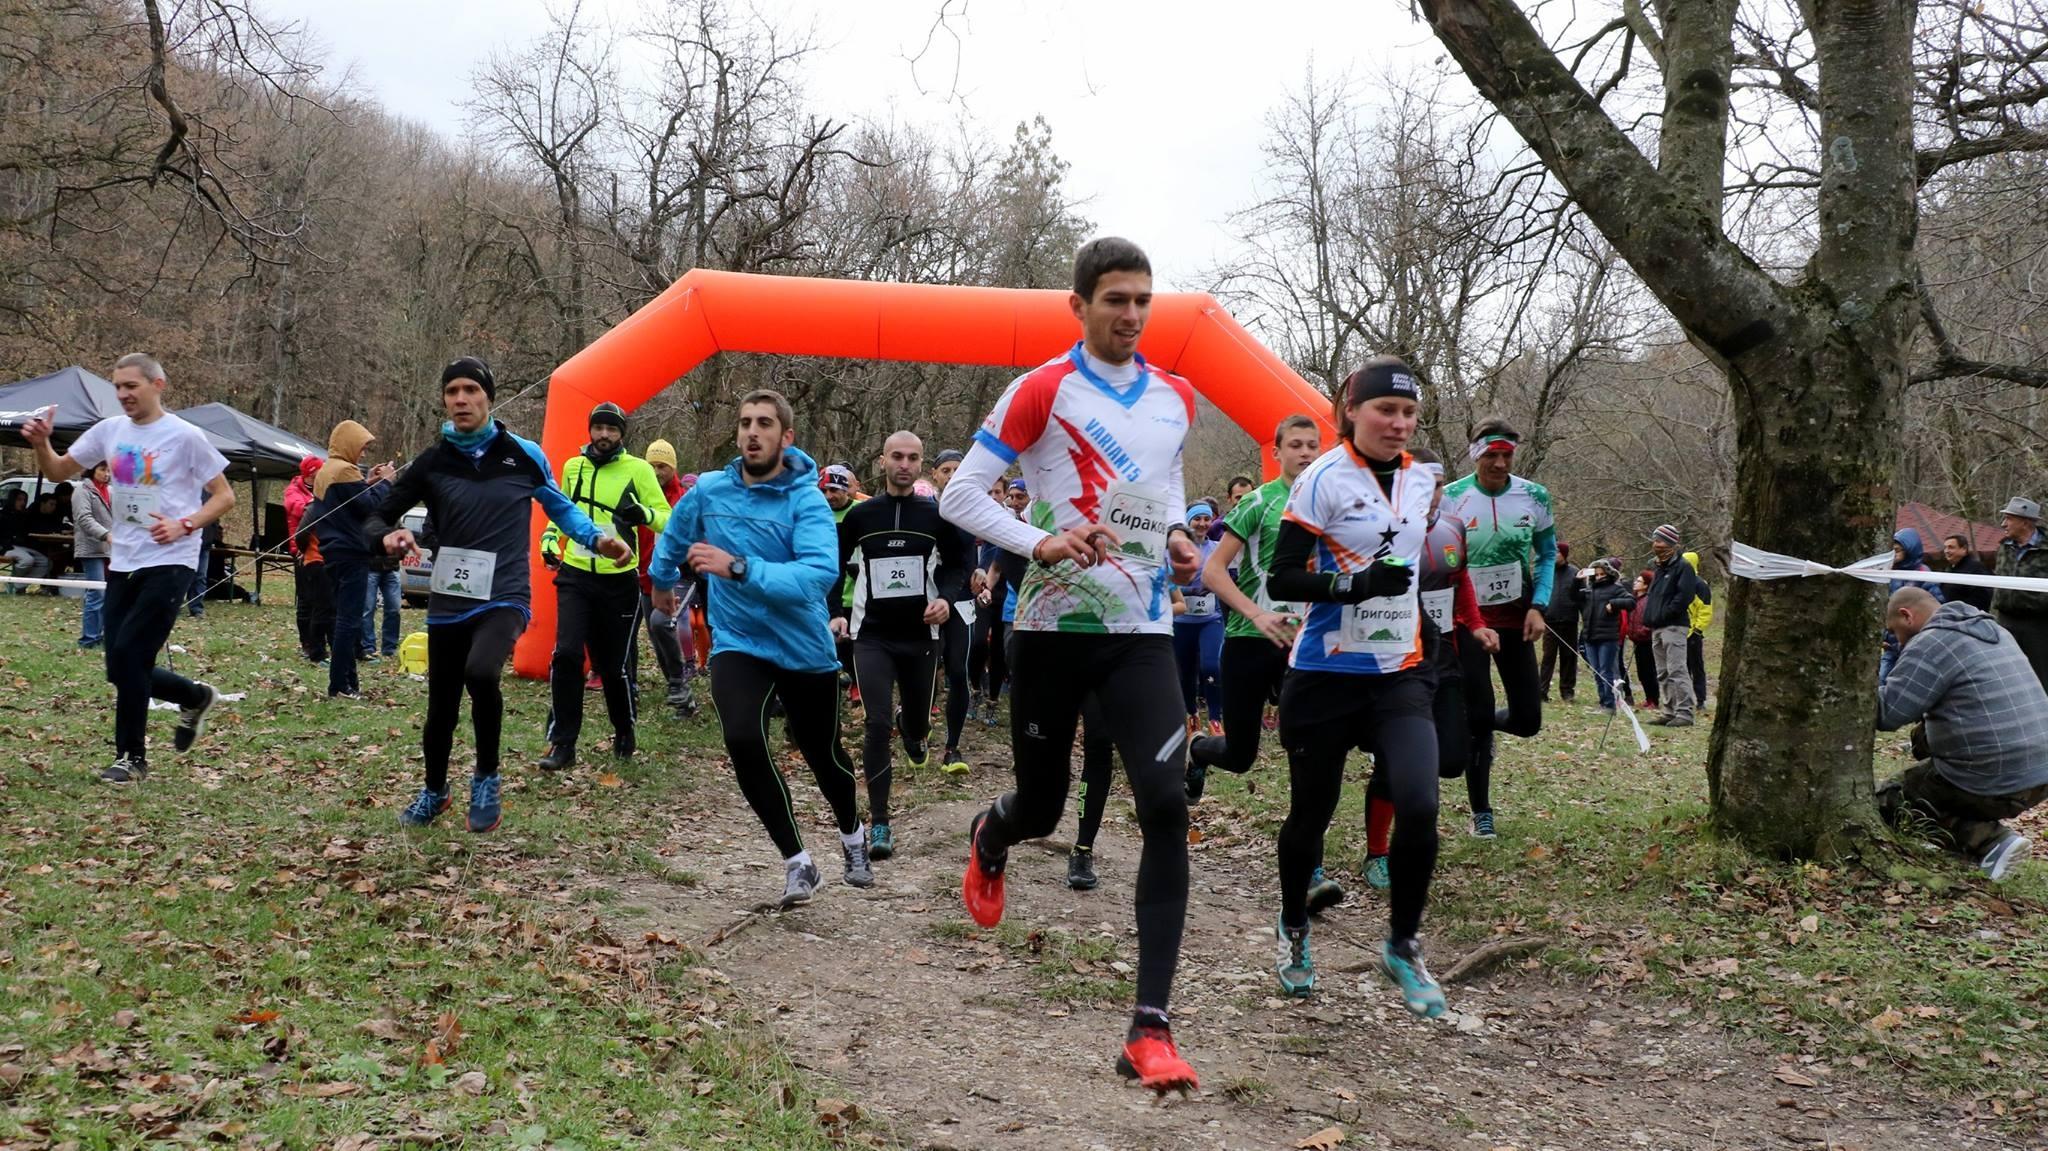 Над 700 състезатели ще участват в предстоящата този уикенд край